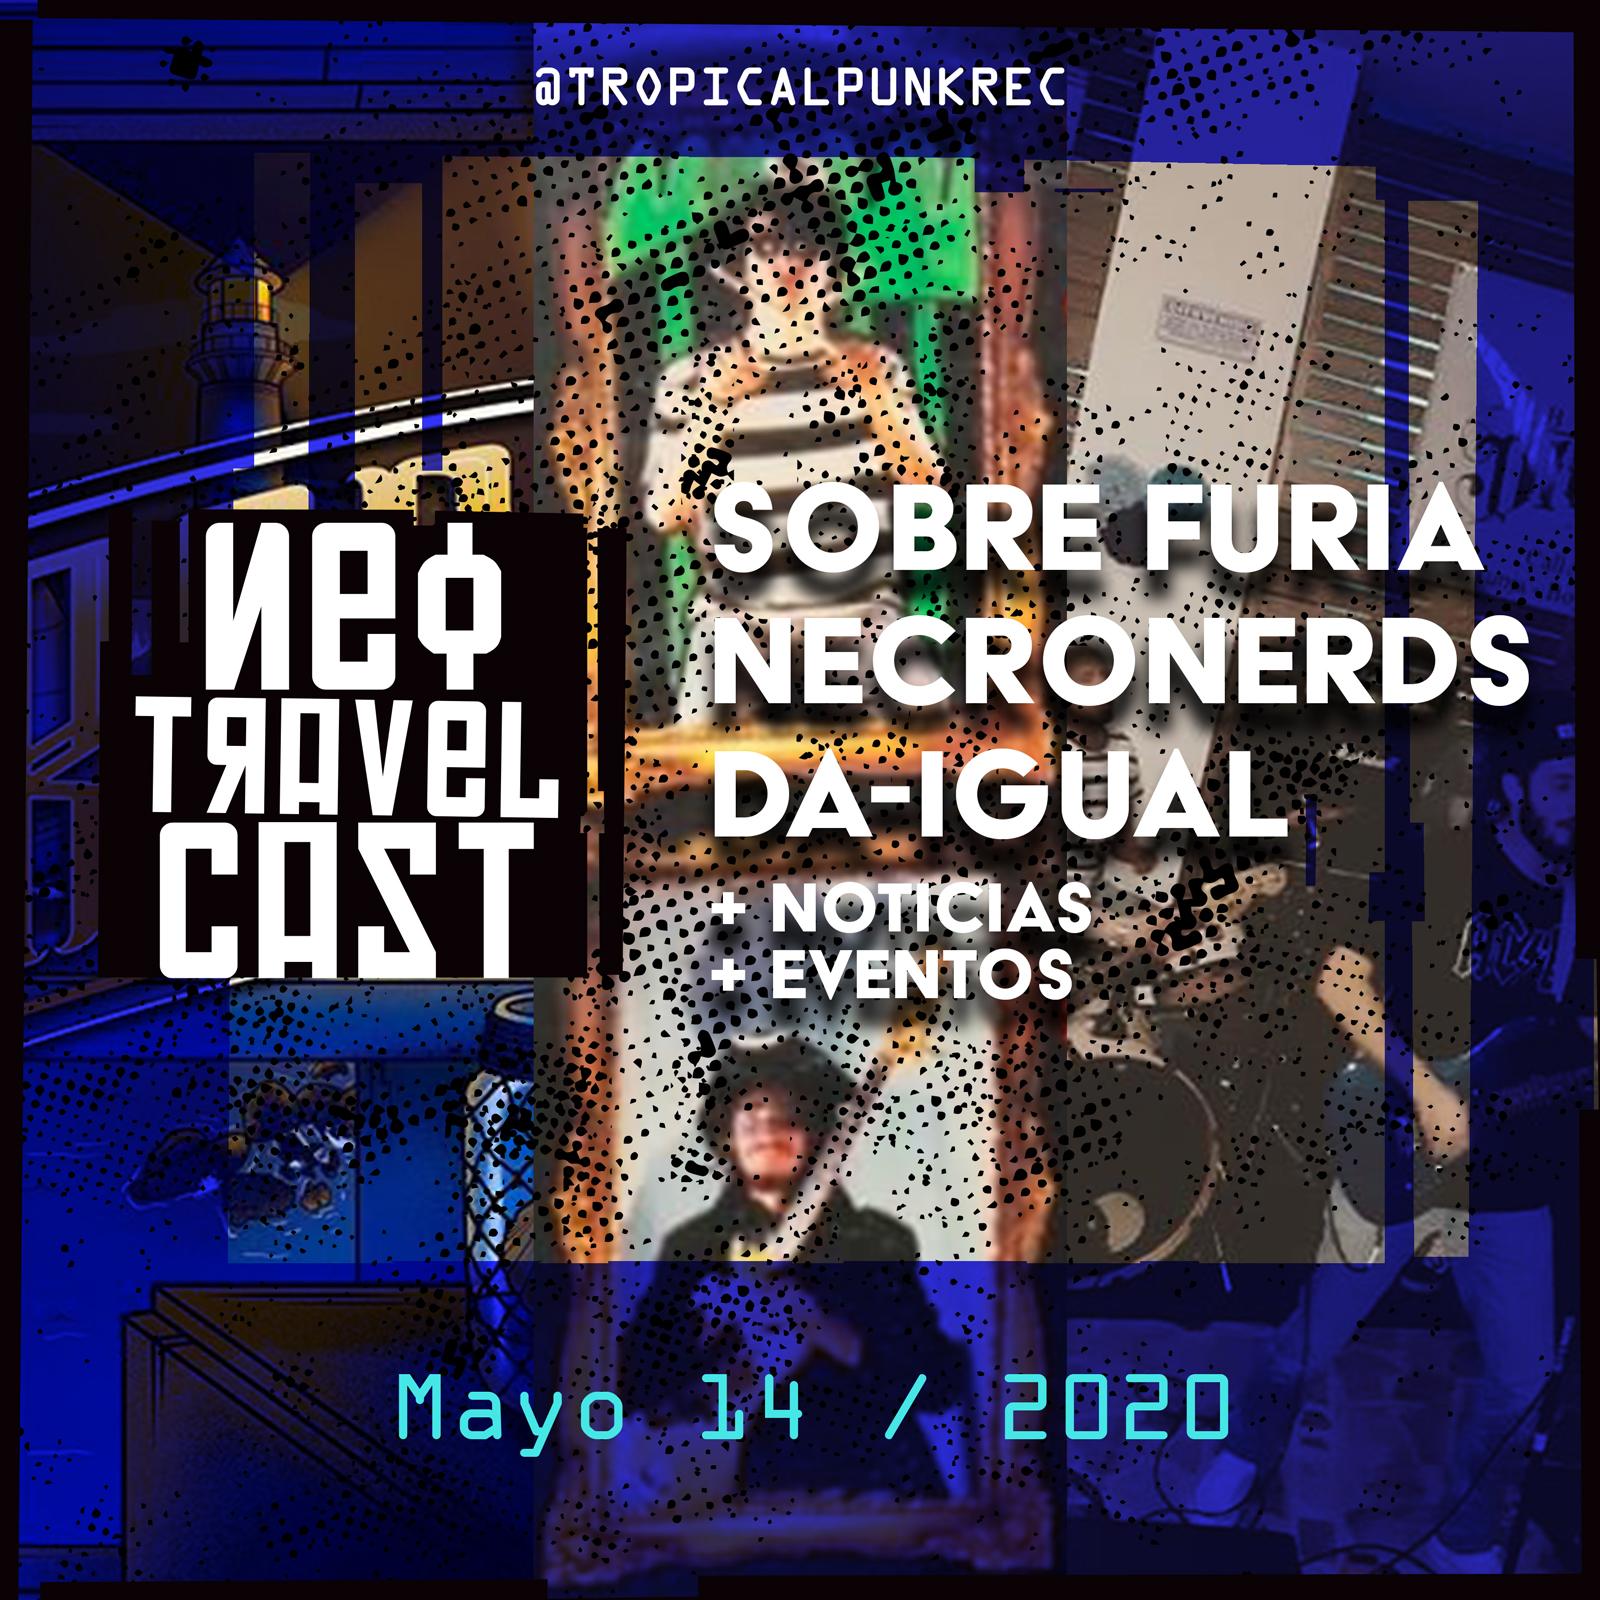 Tropical Punk Records presenta el Neo Travel Cast podcast El Poste con Sobre Furia, Necronerds y Da-Igual (Episodio 12)